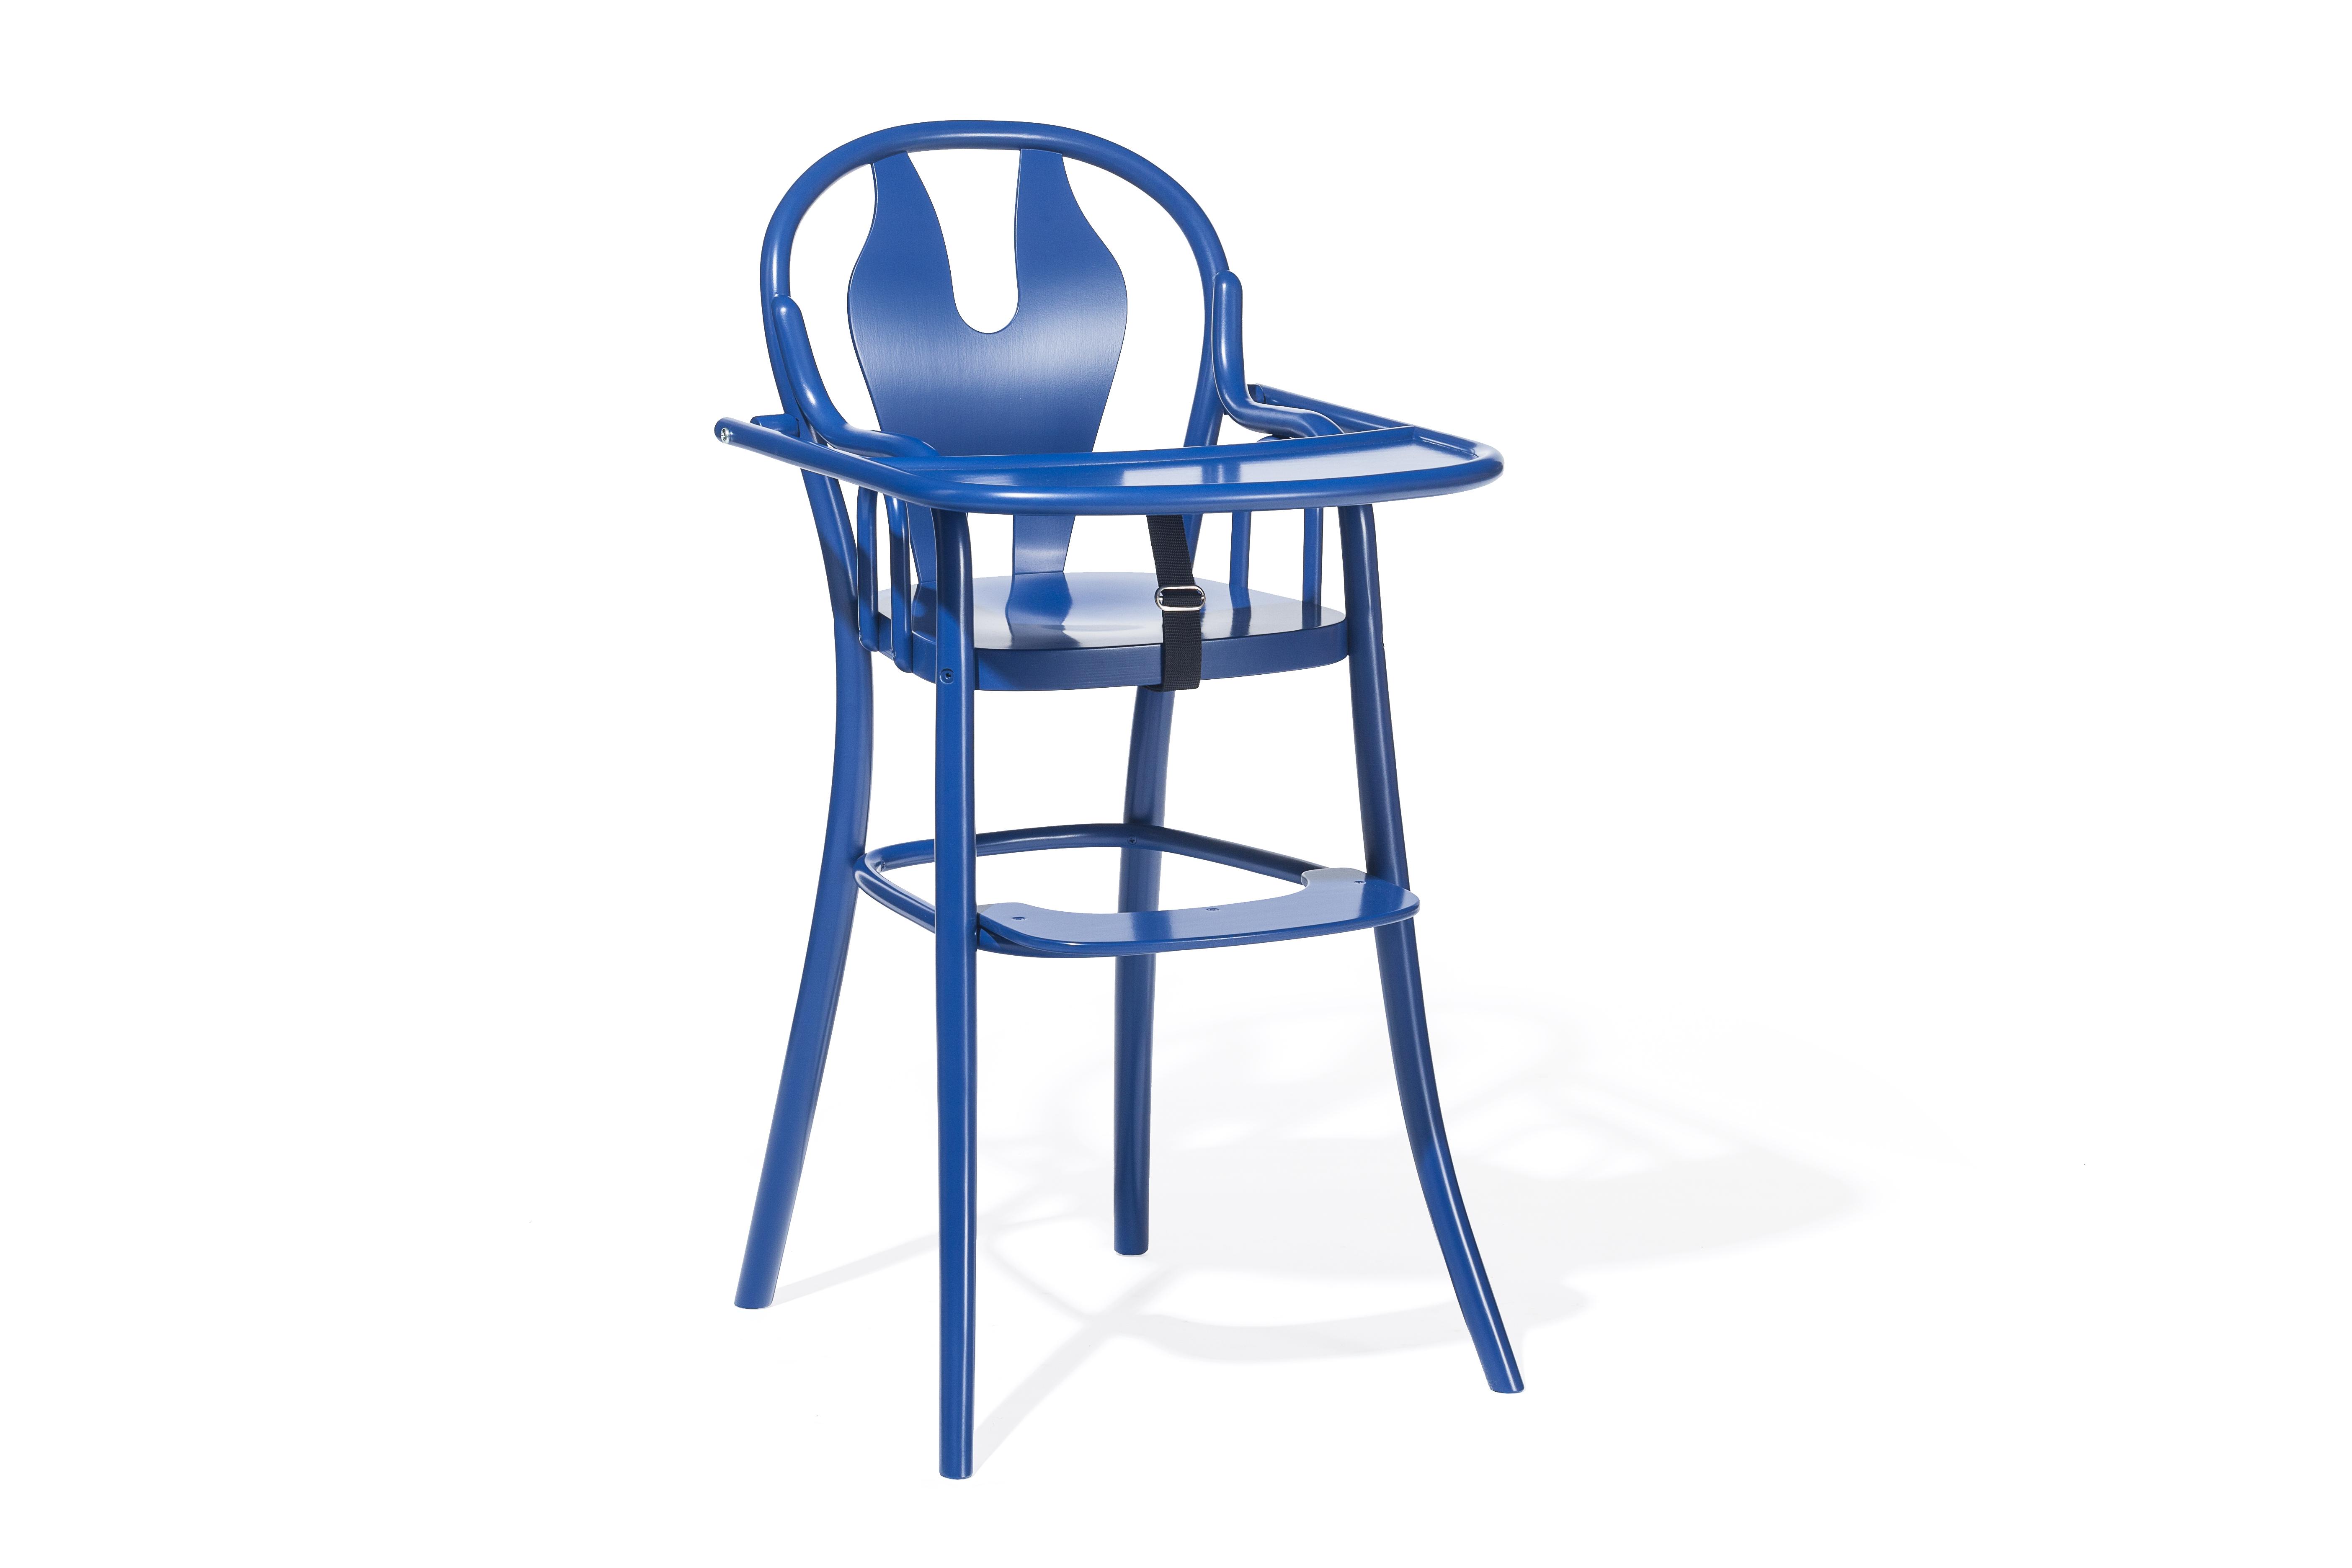 Scaun pentru copii, din lemn de fag Petit 114 Blue, l48xA57xH93 cm imagine